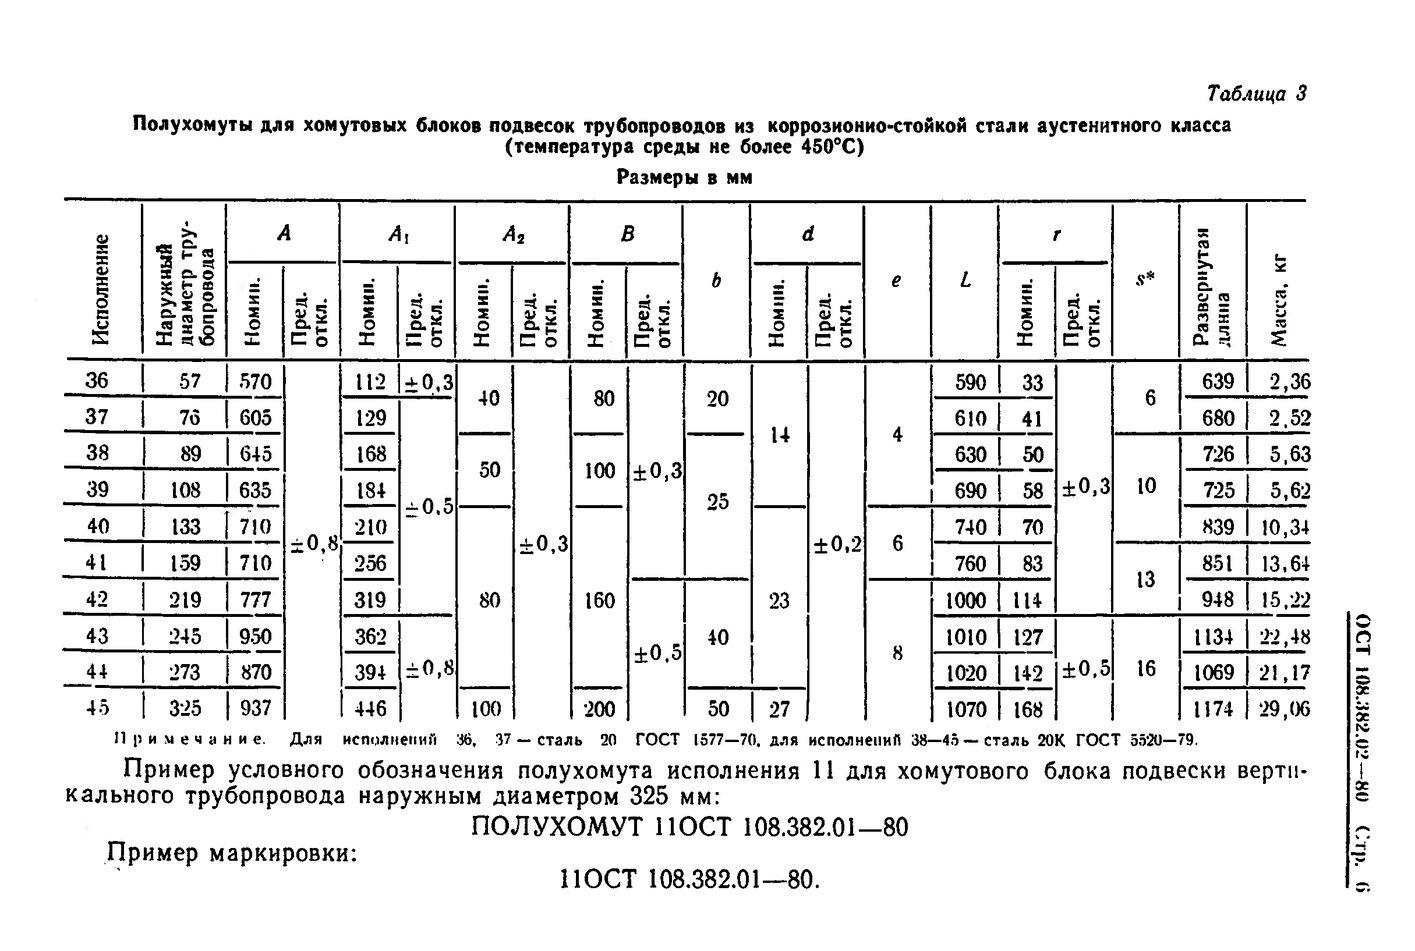 Полухомуты для хомутовых блоков подвесок вертикальных трубопроводов ОСТ 108.382.02-80 стр.6